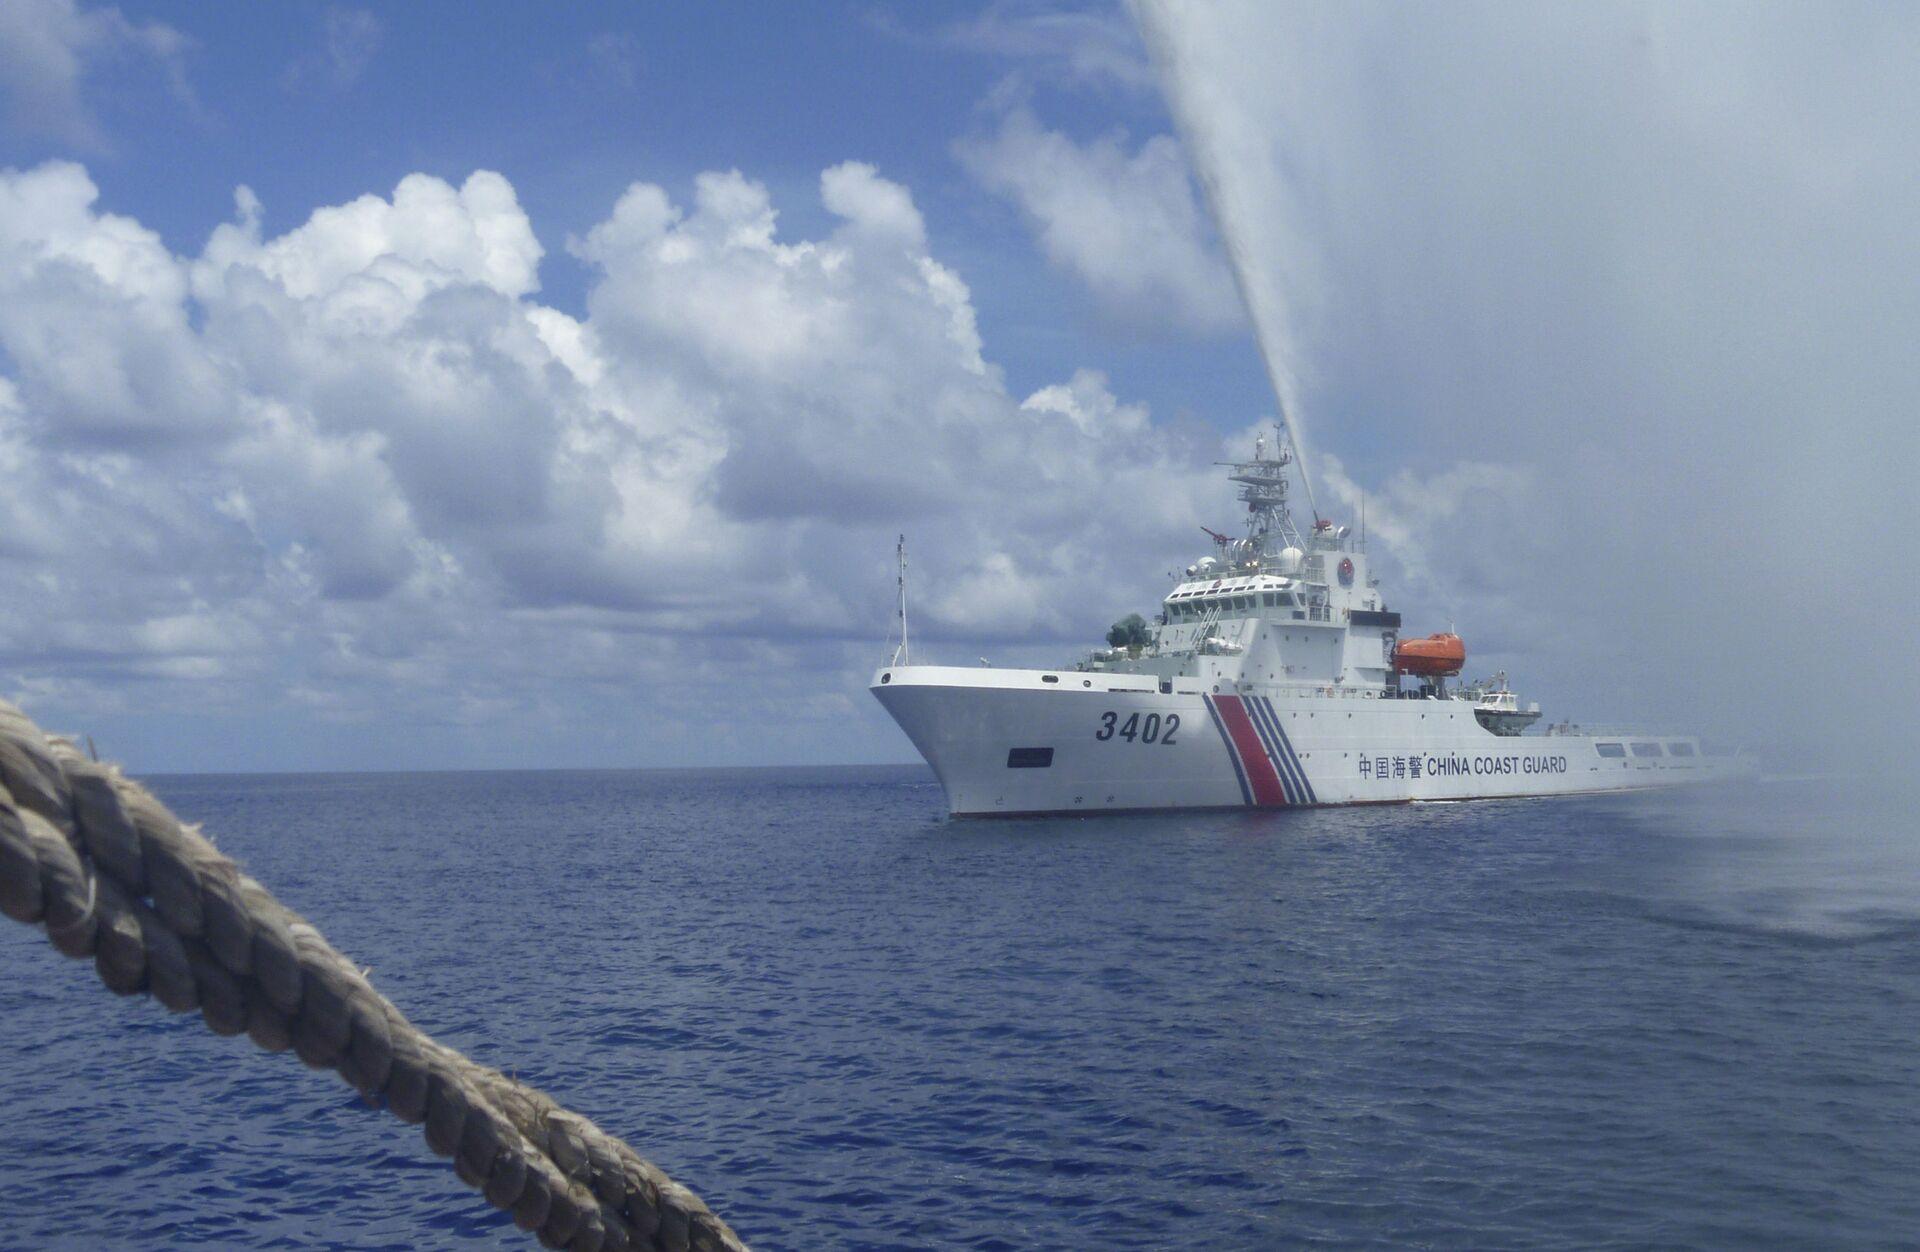 Trung Quốc đòi bá chủ ở Biển Đông: Thế giới nên ủng hộ Việt Nam, Philippines? - Sputnik Việt Nam, 1920, 19.04.2021